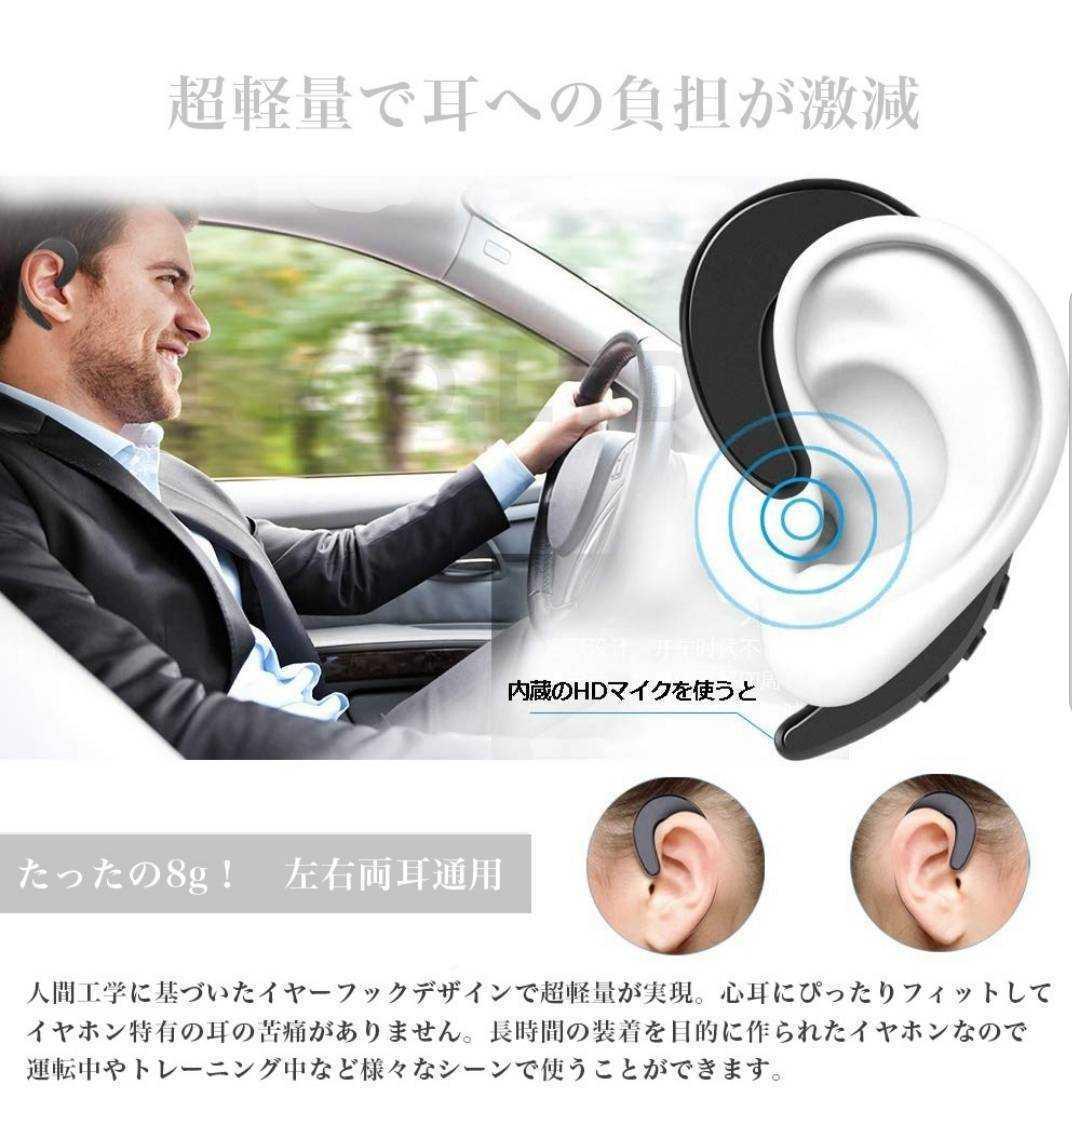 耳掛けスタイル 骨伝導 Bluetooth ワイヤレス イヤホン iPhone Android_画像2